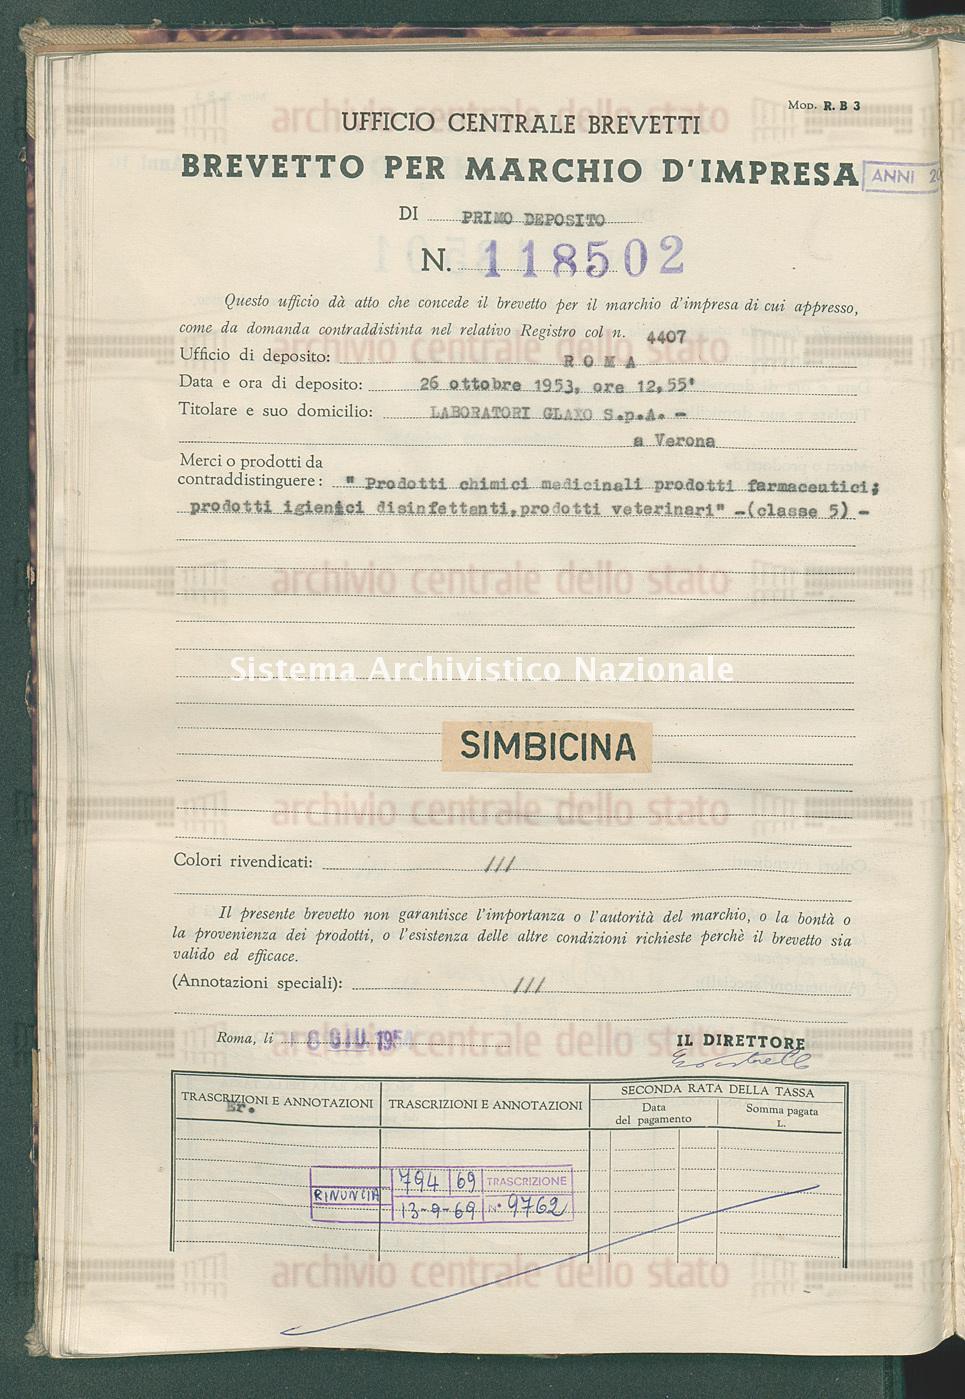 'Prodotti chimici medicinali prodotti farmaceutici; prodotti ecc. Laboratorio Glaxo S.P.A. (08/06/1954)